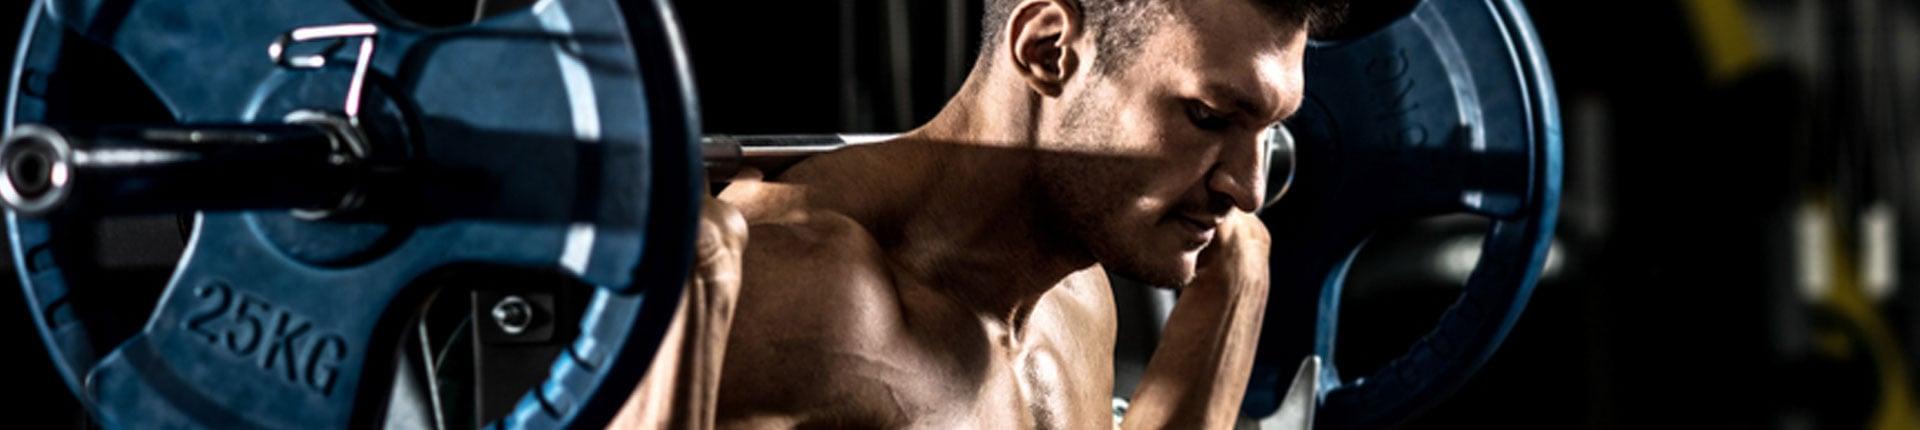 Trening FBW - full body workout dla początkujących czy zaawansowanych?